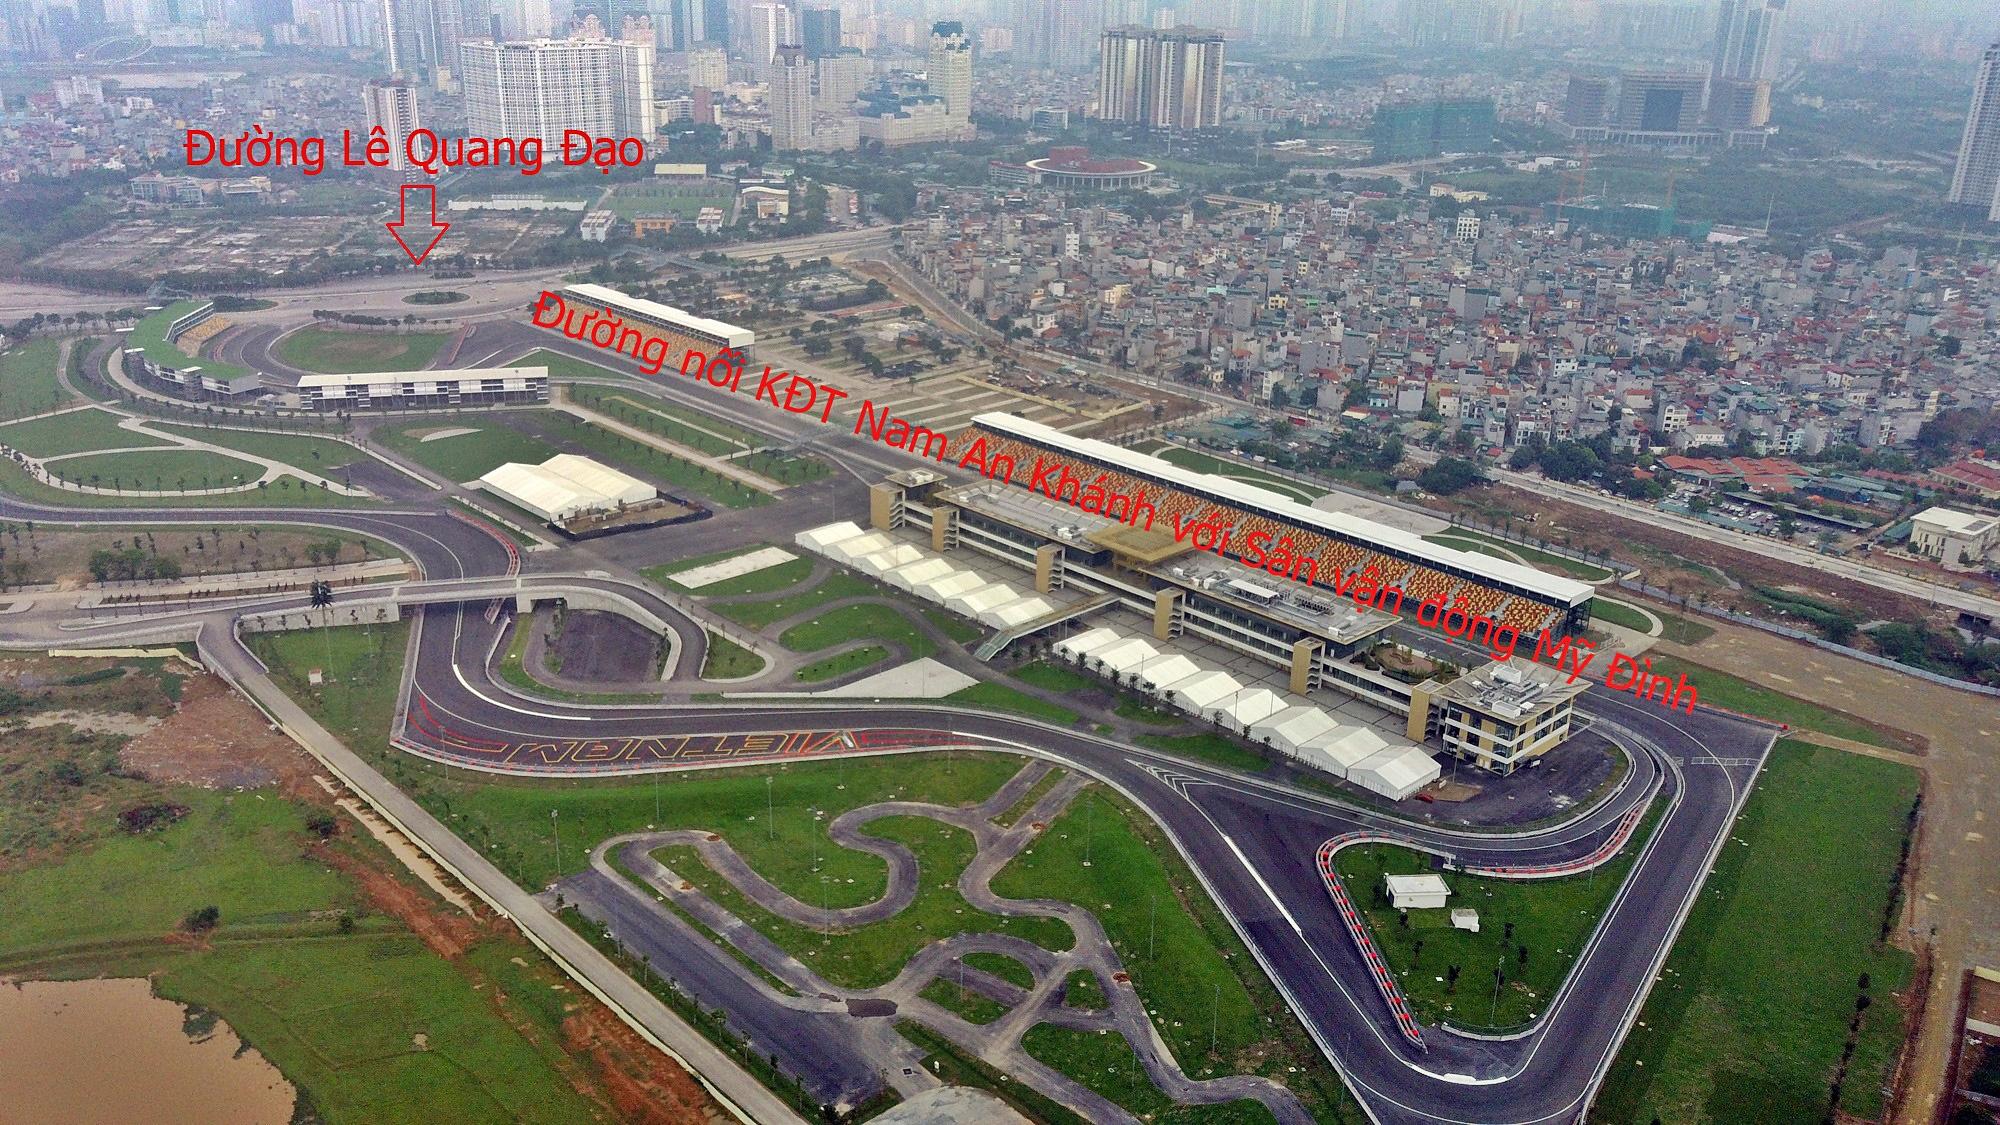 Đường sẽ mở theo qui hoạch ở Hà Nội: Toàn cảnh đường nối KĐT Nam An Khánh đến Sân vận động Mỹ Đình - Ảnh 4.